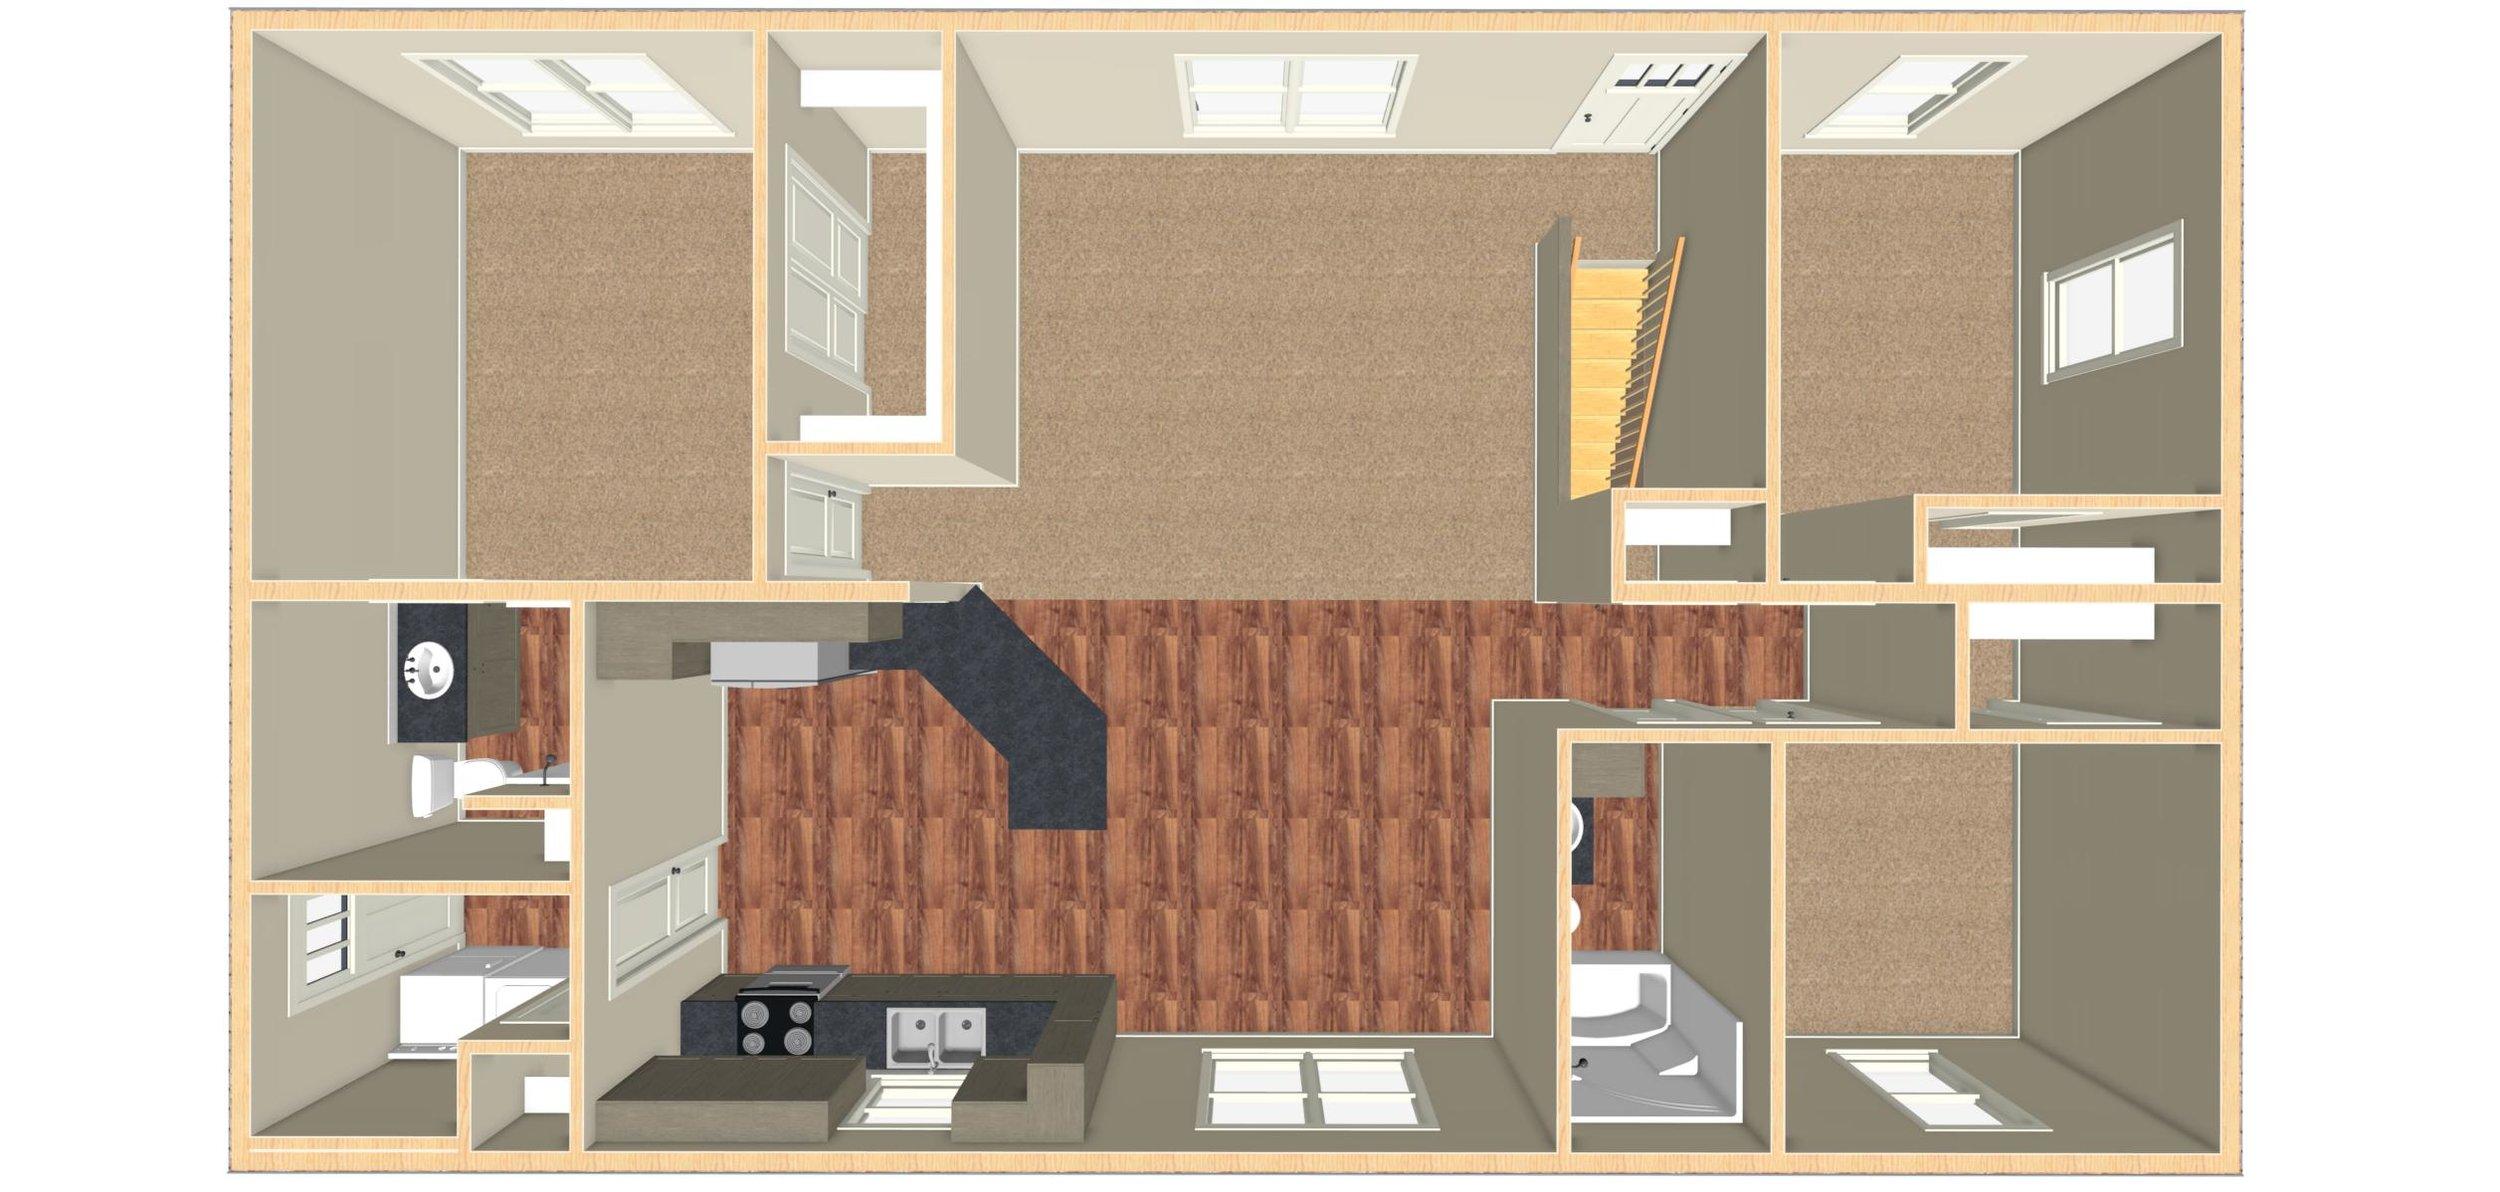 Reinbeck Dollhouse.jpg